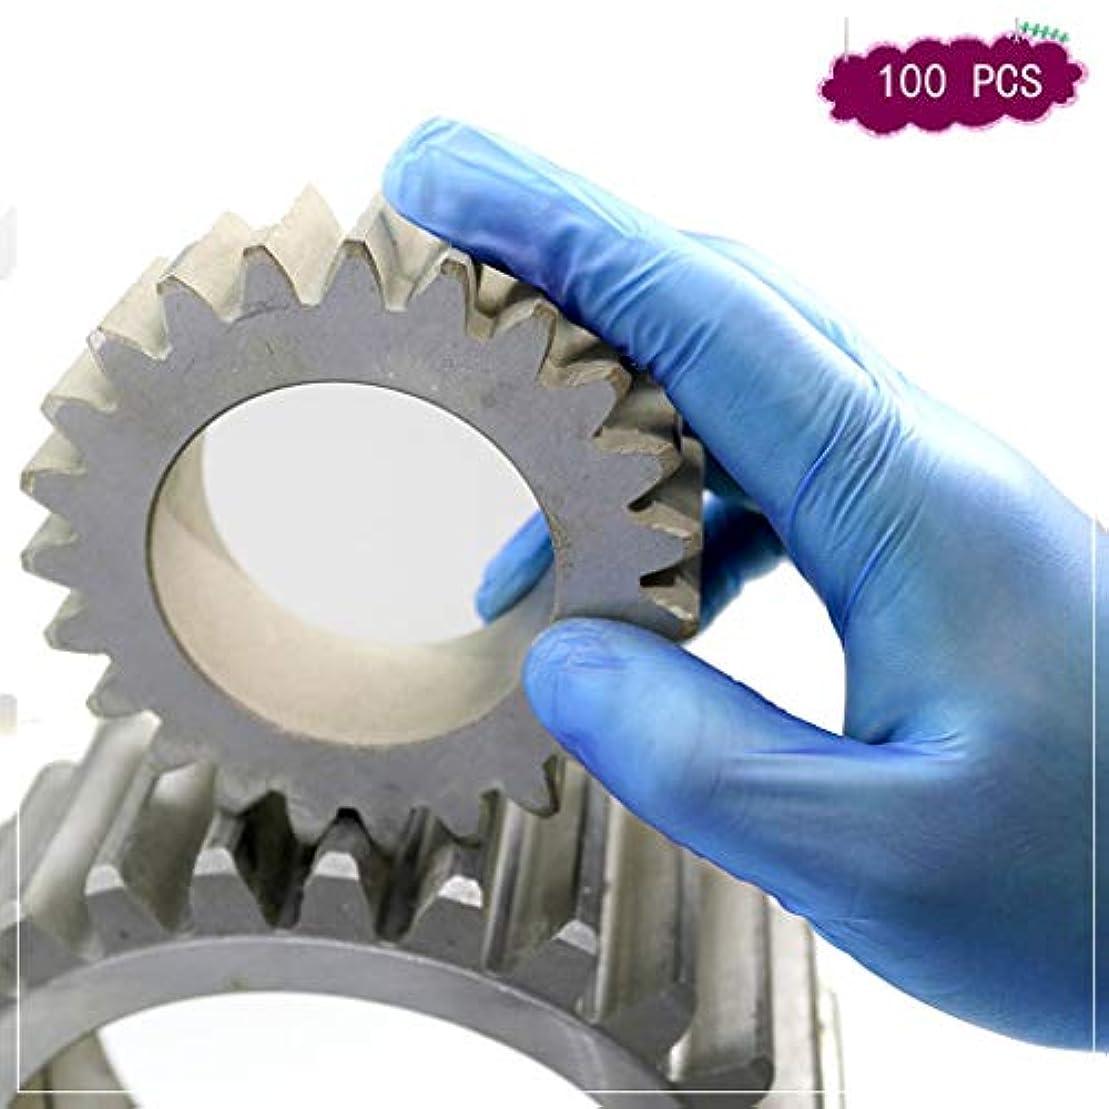 抵当スキー劇作家使い捨てラテックス手袋工業用グレードPVC手袋帯電防止パウダーフリーの光沢9インチアンチ油 (Color : 9 inch, Size : XL)